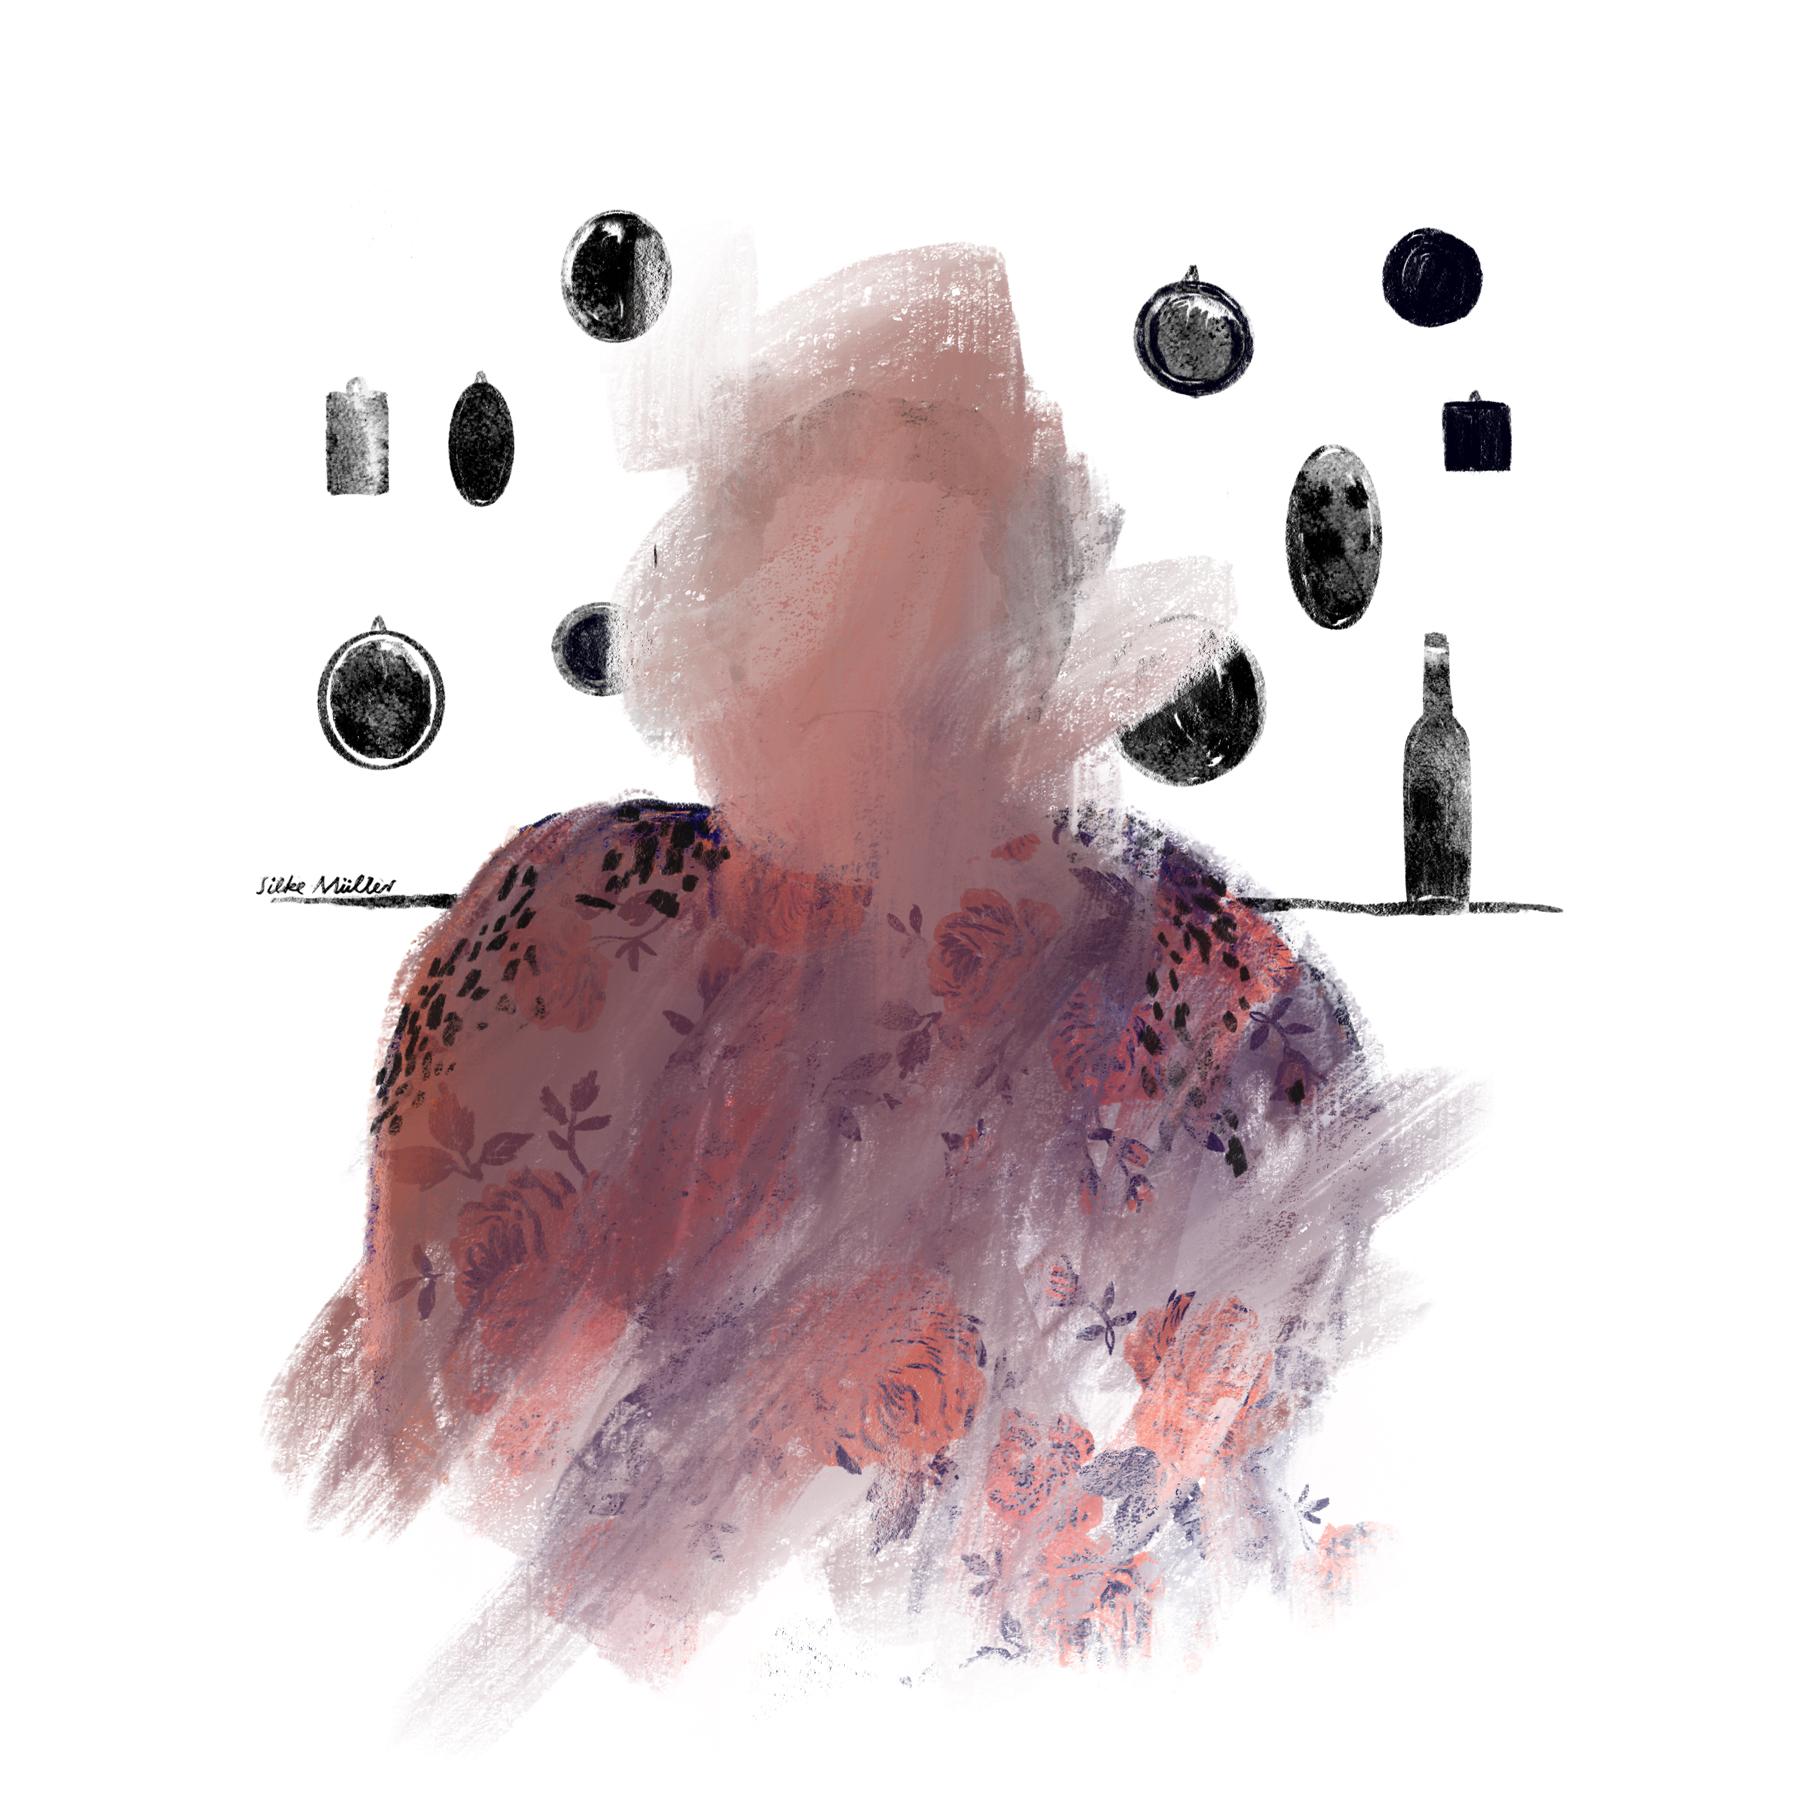 Eine alte Frau mit geblümter Bluse sitzt vor einer Wand mit kleinen Bilderrahmen. Die Bilder sind dunkle verwaschene Flecken. Das Gesicht der Frau ist verwischt und ohne Augen.